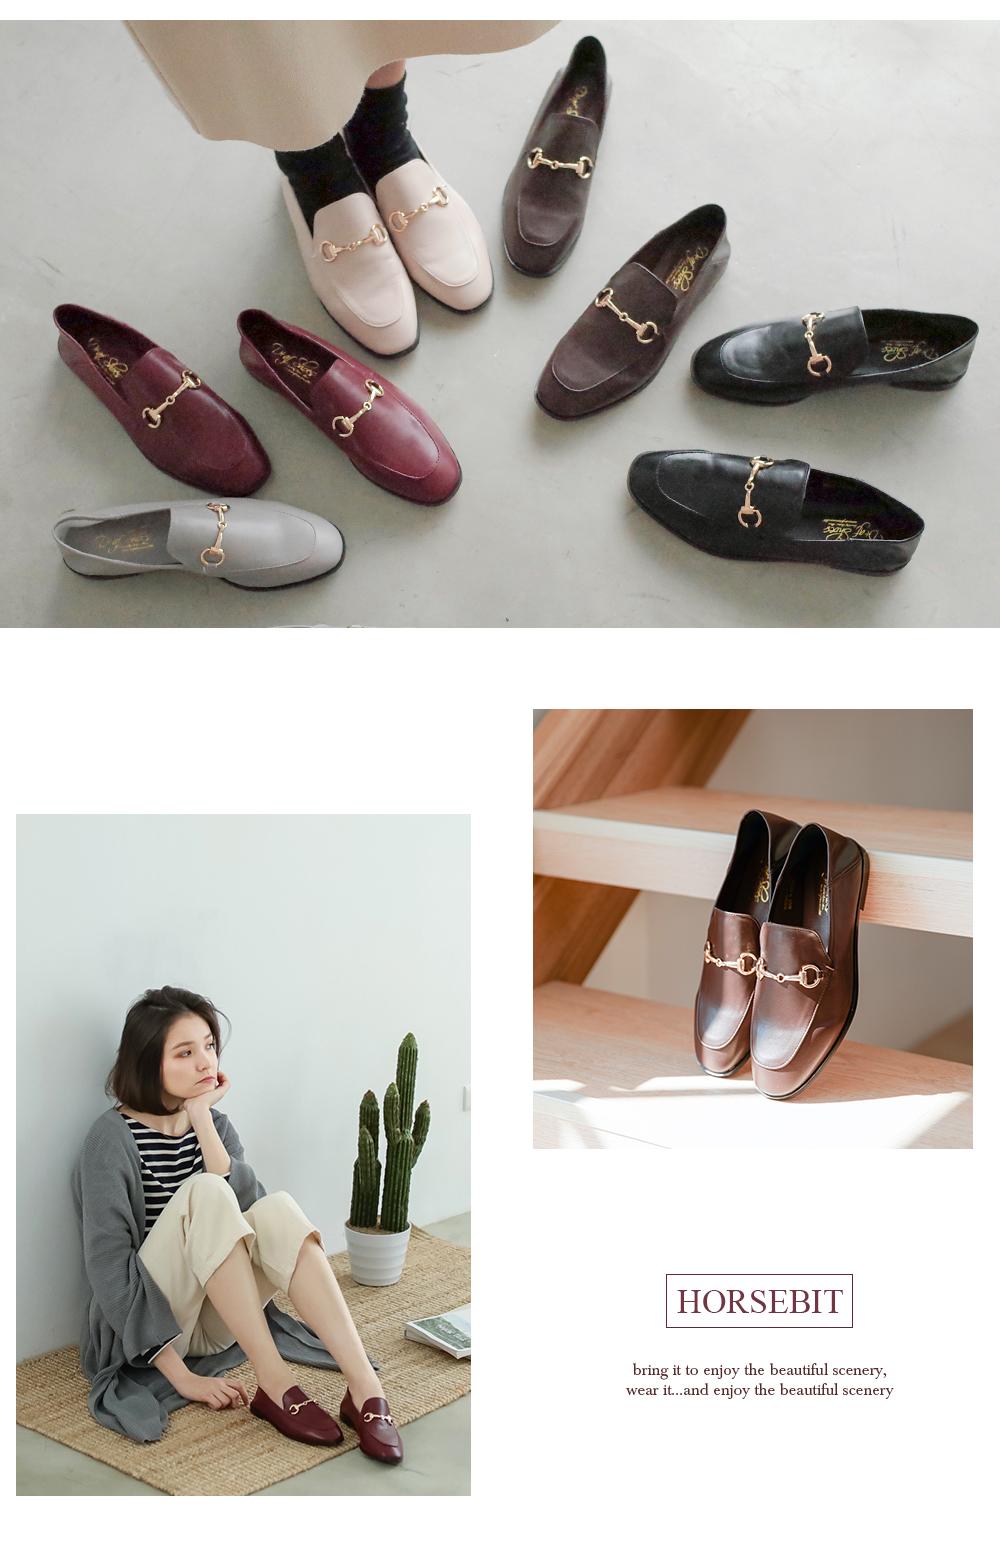 多種顏色的兩穿式樂福鞋,穿搭及近照拼貼圖